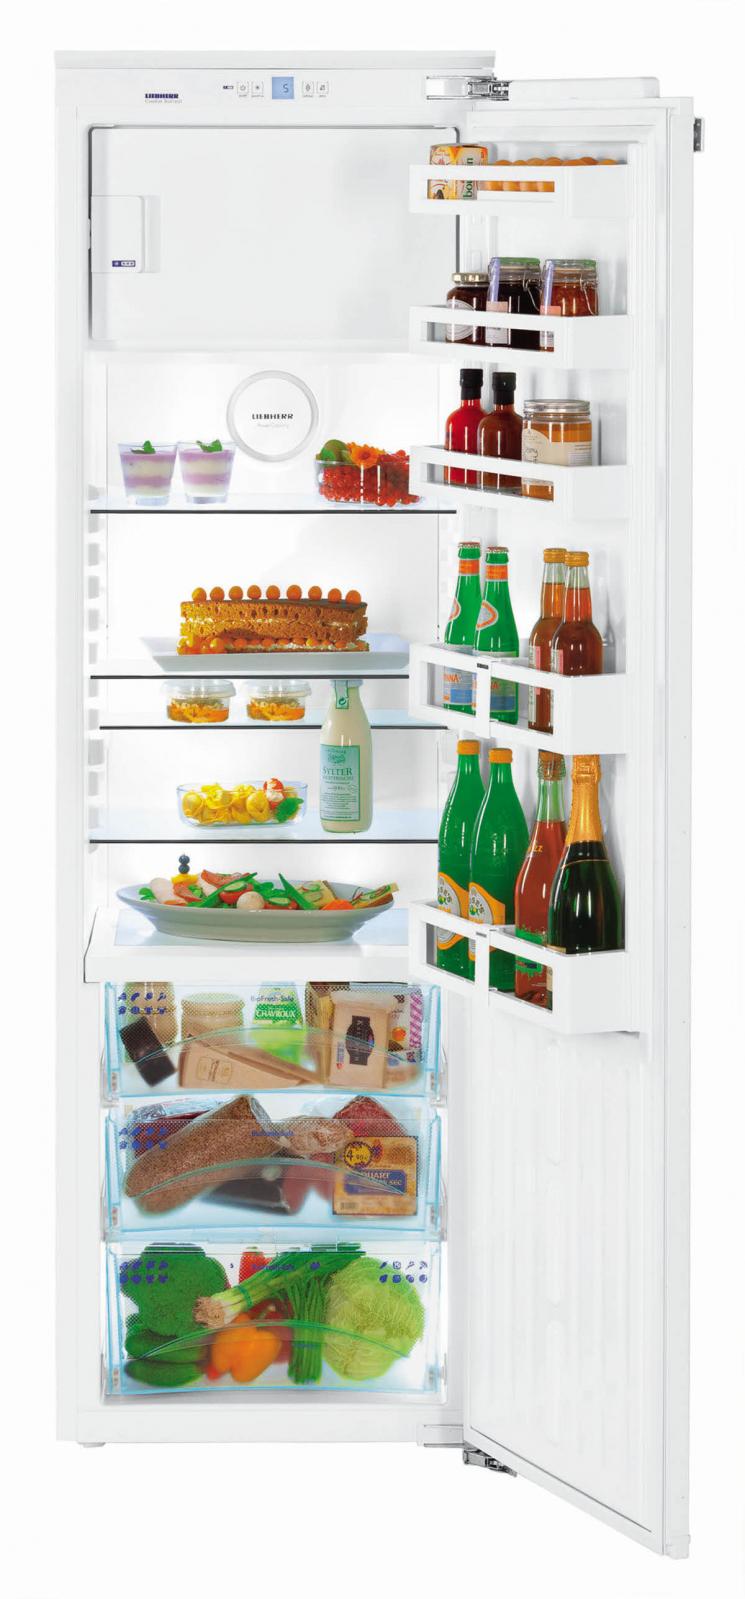 купить Встраиваемый однокамерный холодильник Liebherr IKB 3514 Украина фото 0